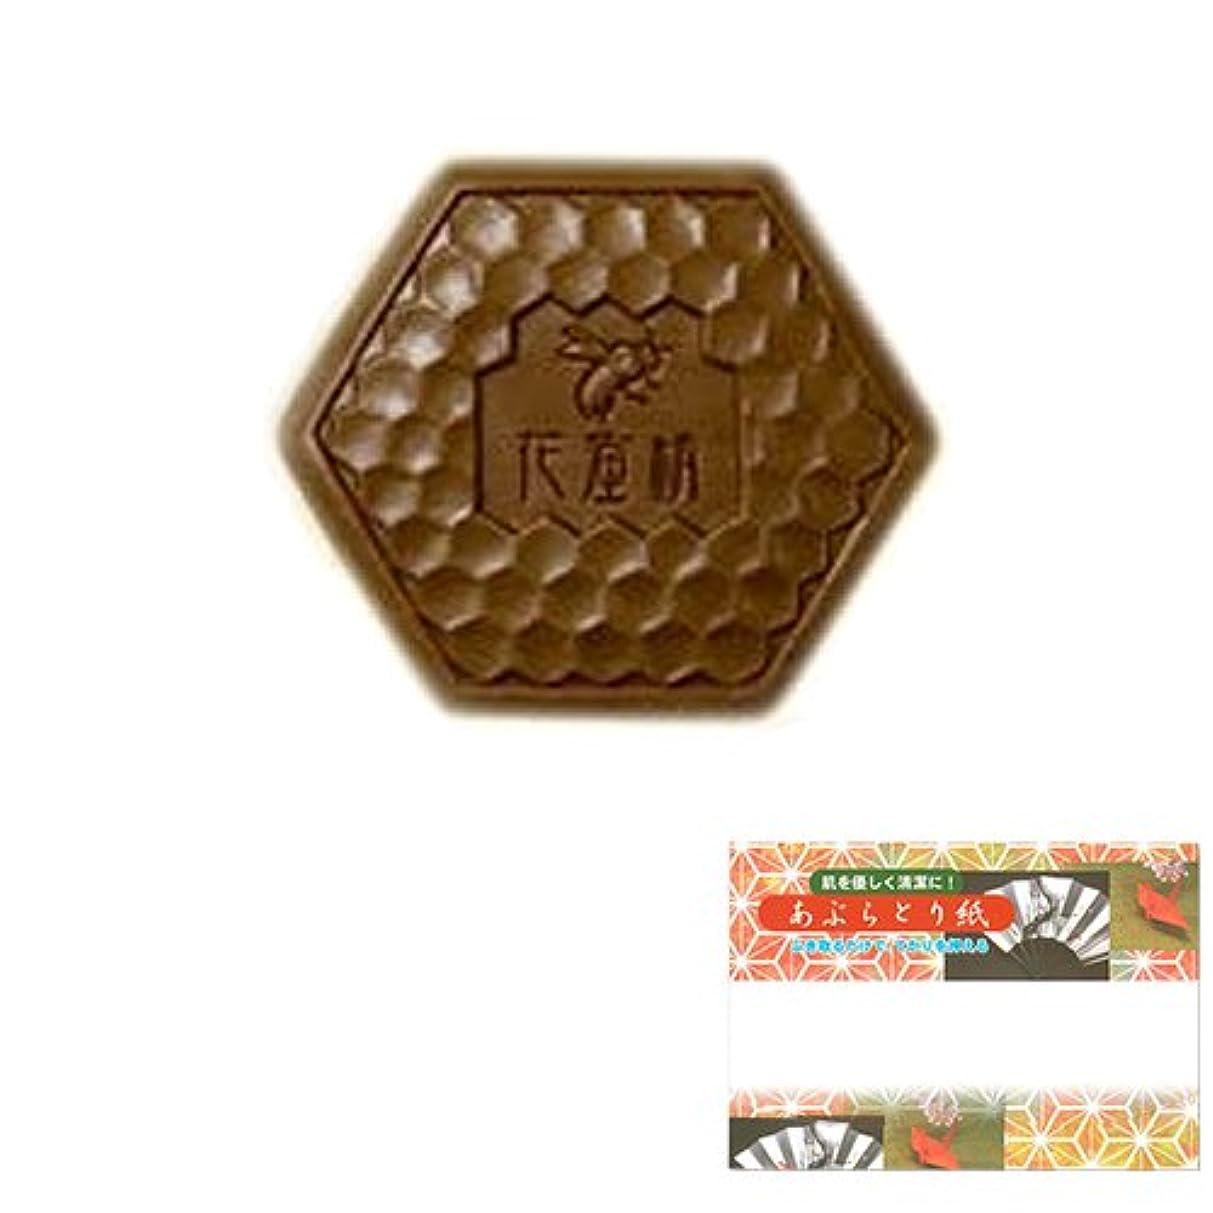 冷淡な笑タッチフェニックス 花蜜精(かみつせい) はちみつ クレンジングソープ 1個 + 高級あぶらとり紙セット